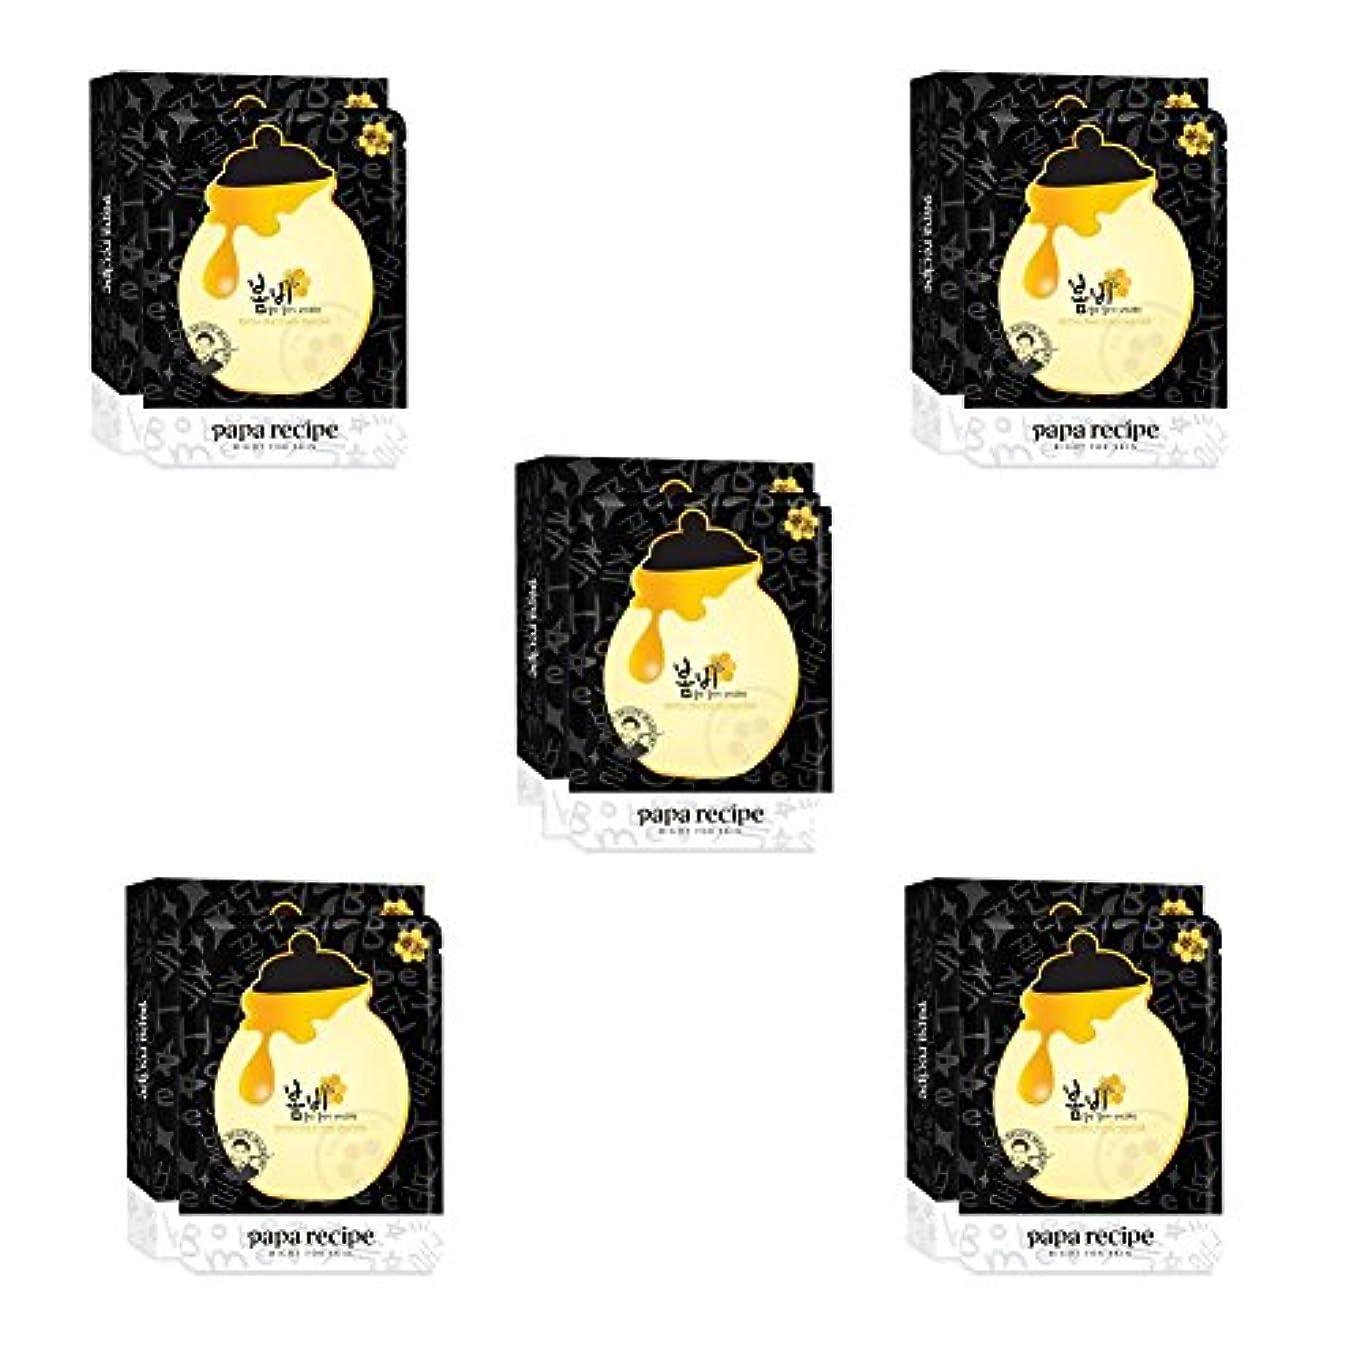 グレートバリアリーフ寸法酒Papa Recipe Bombee Black Honey Mask Pack (10sheets X 5) パパレシピ ボムビー ブラックハニー マスクパック (10sheets X 5)